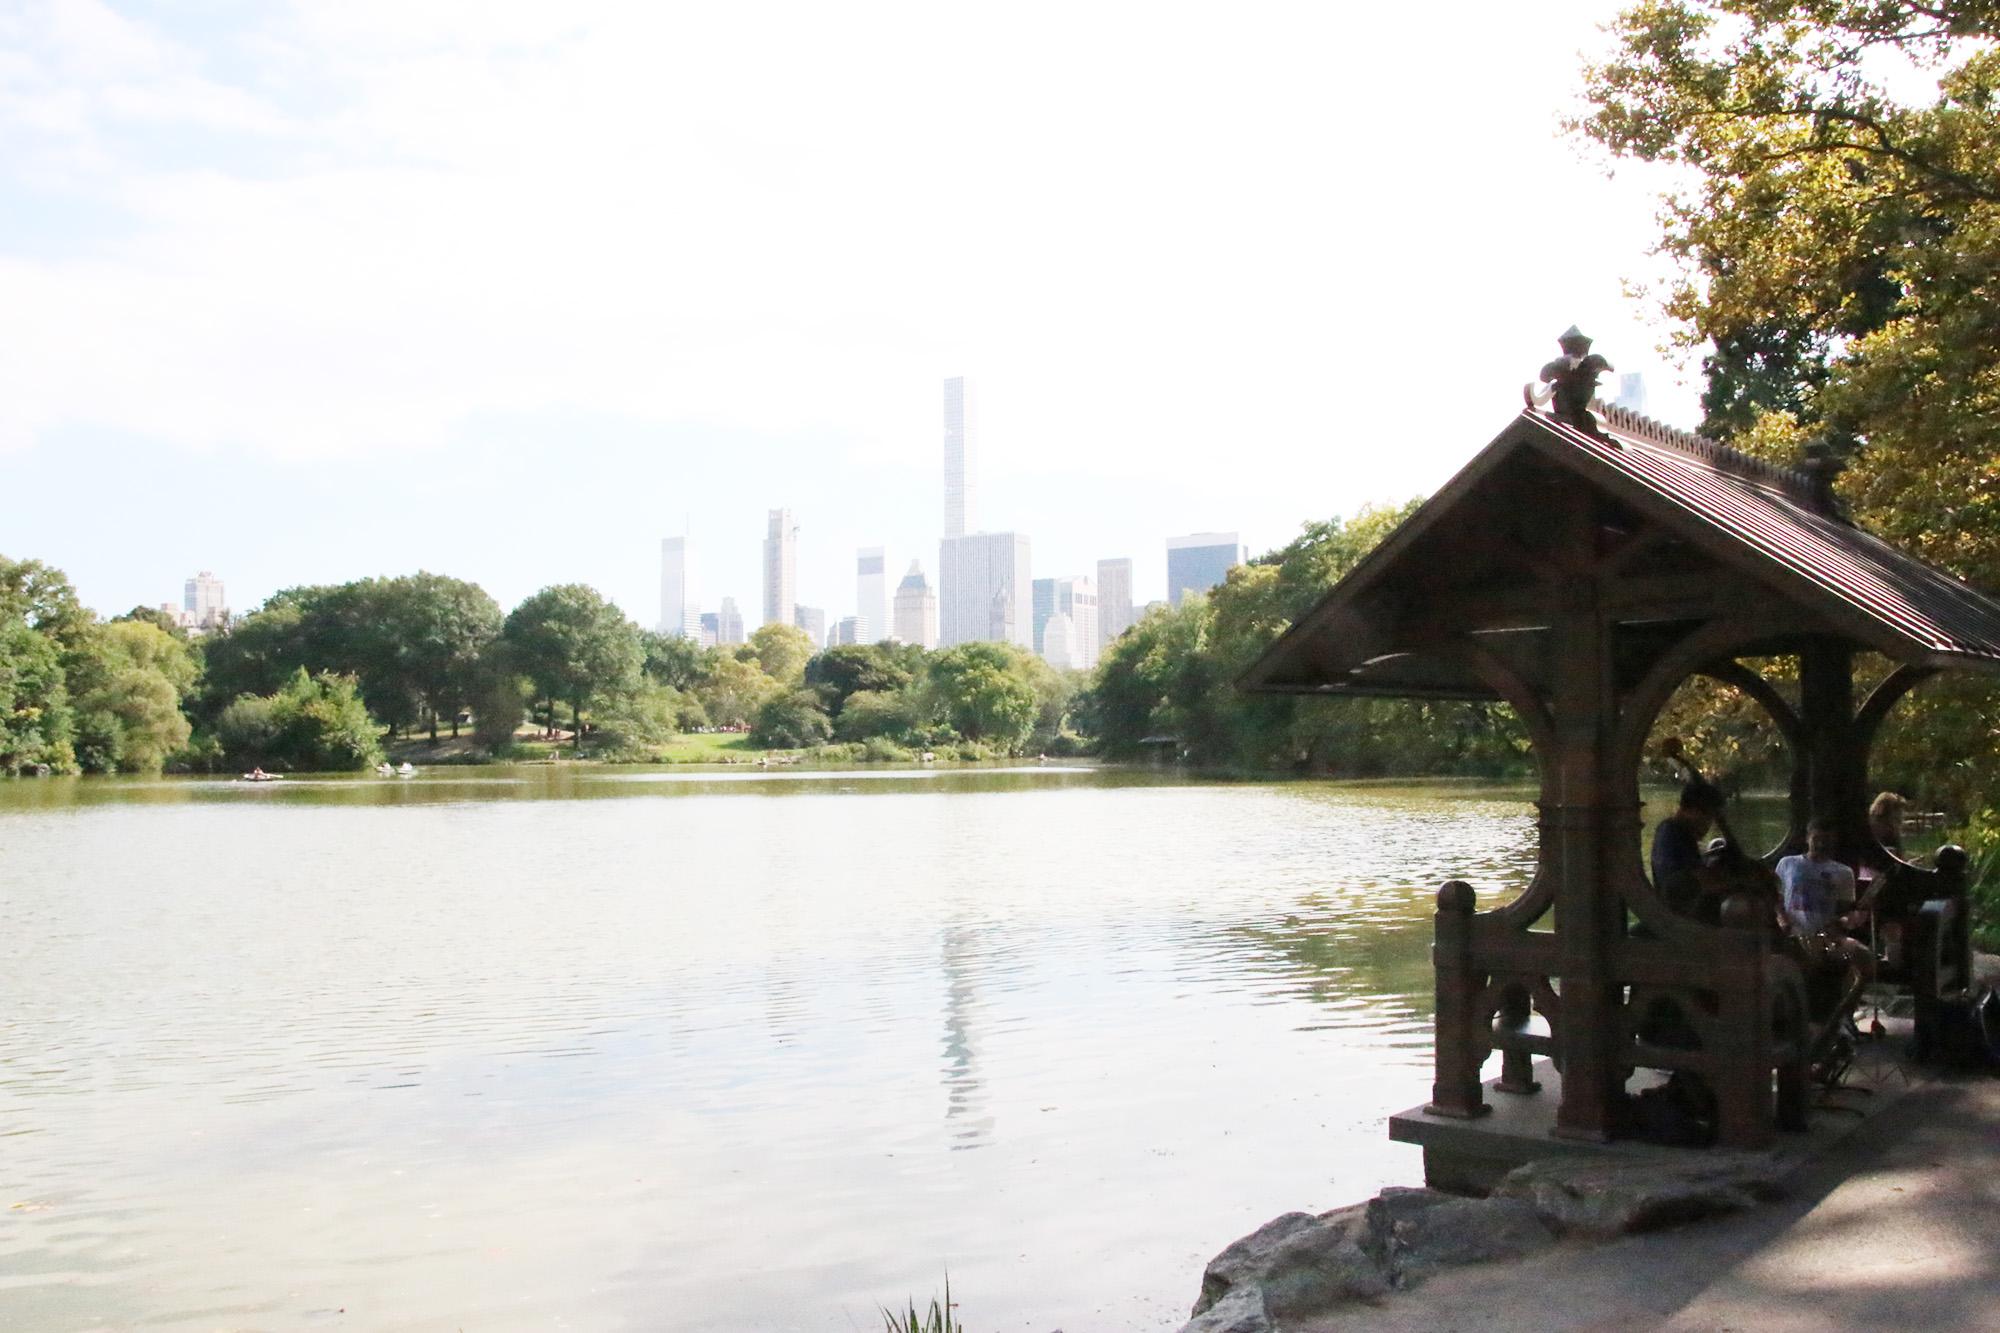 En fantastisk gratisaktivitet, att få lyssna på jazzmusik i Central Park